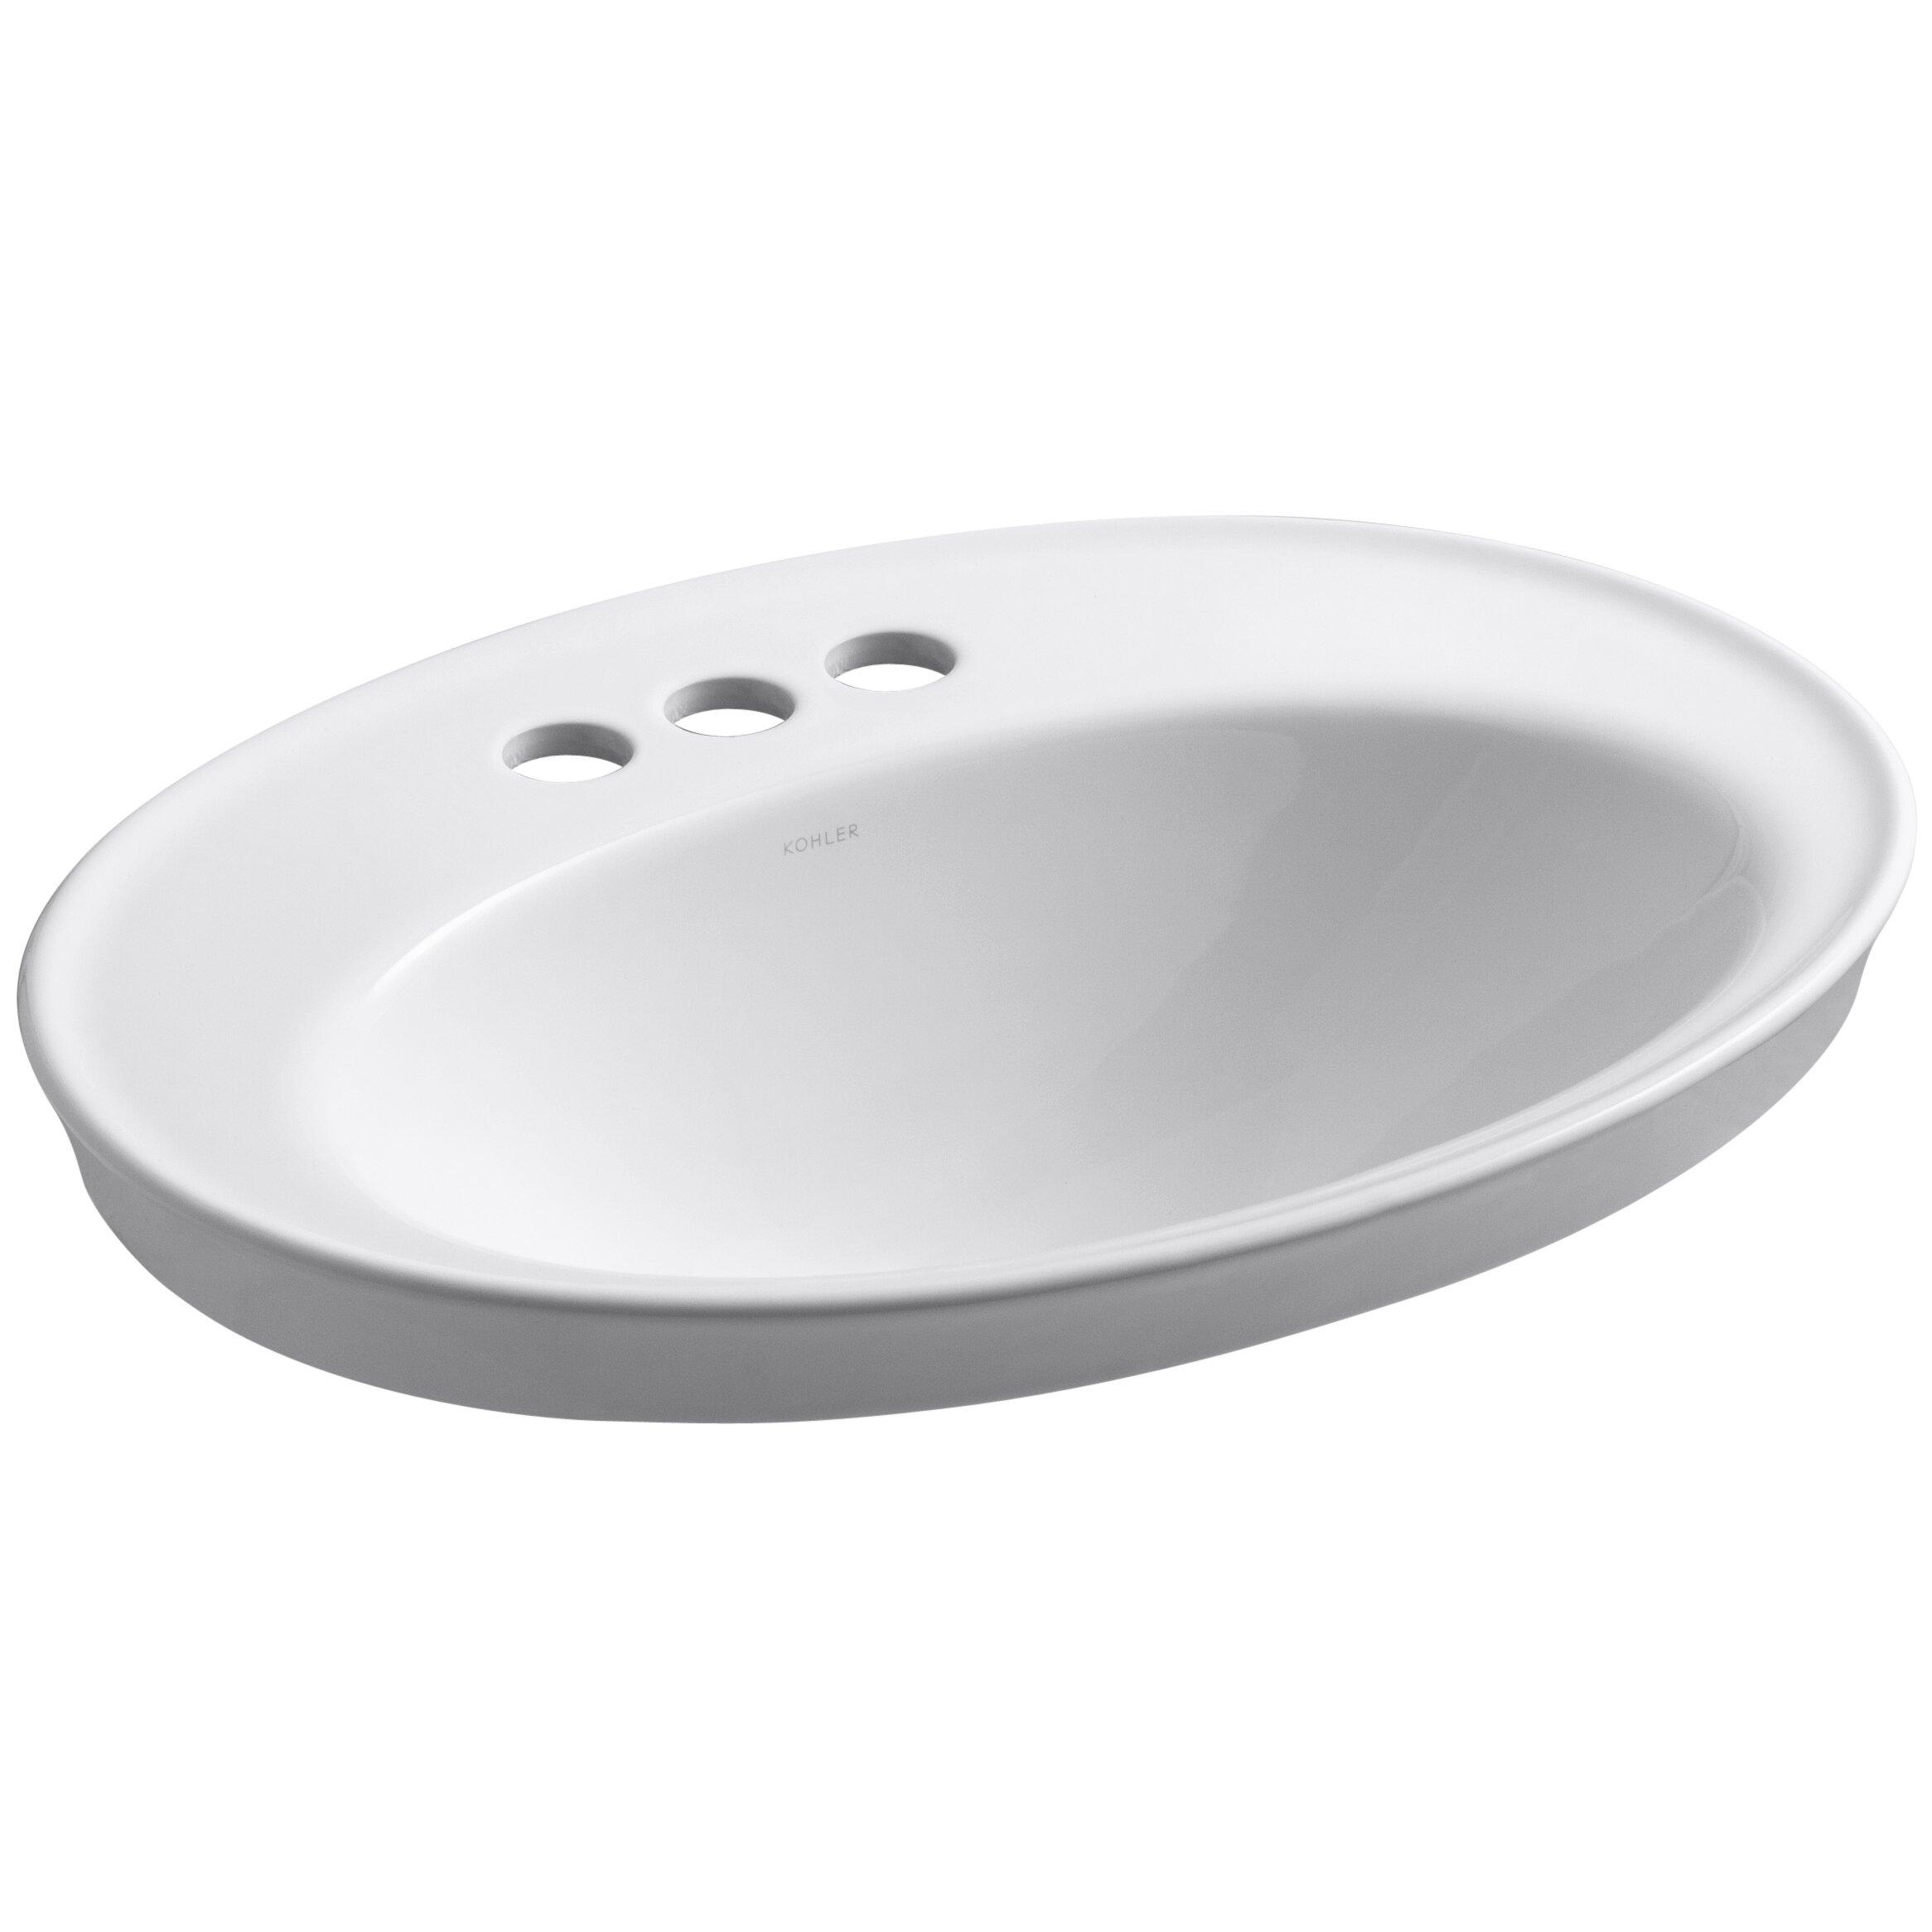 Kohler Drop In Bathroom Sink dact